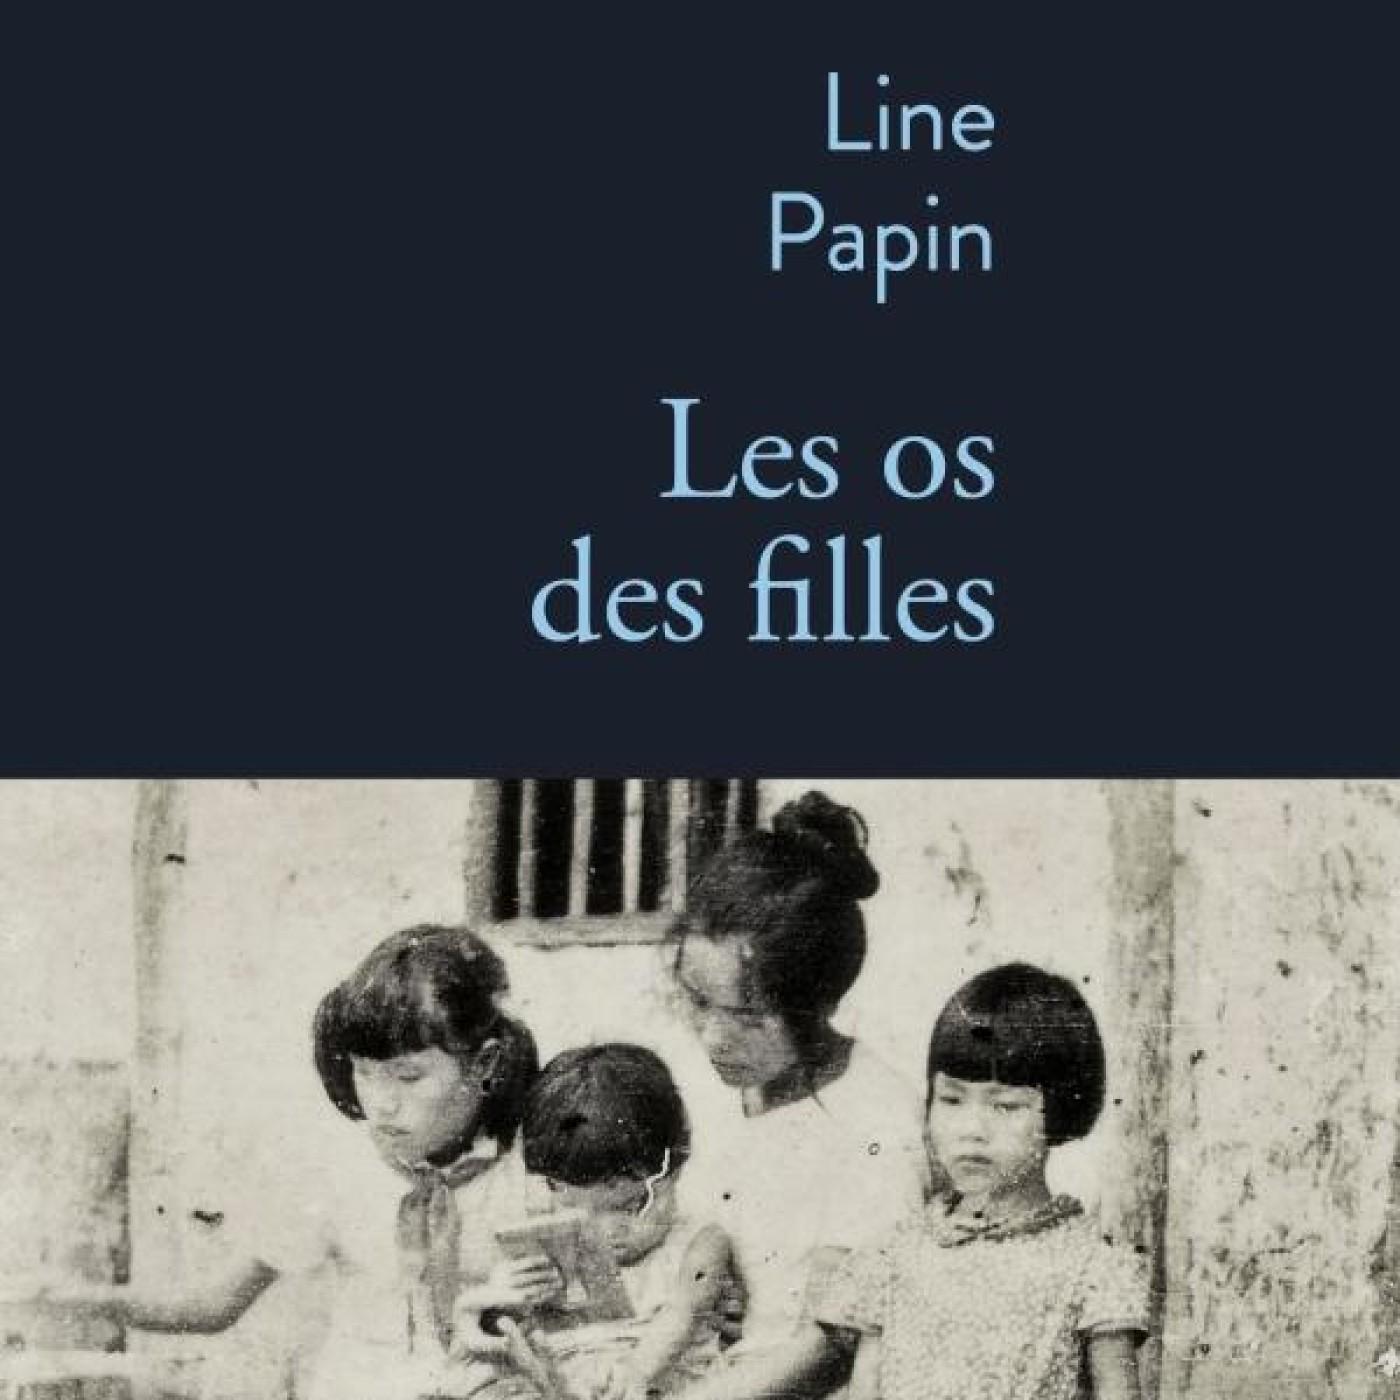 MC' Aime - Les os des filles de Line Papin chez Stock (01/02/20)